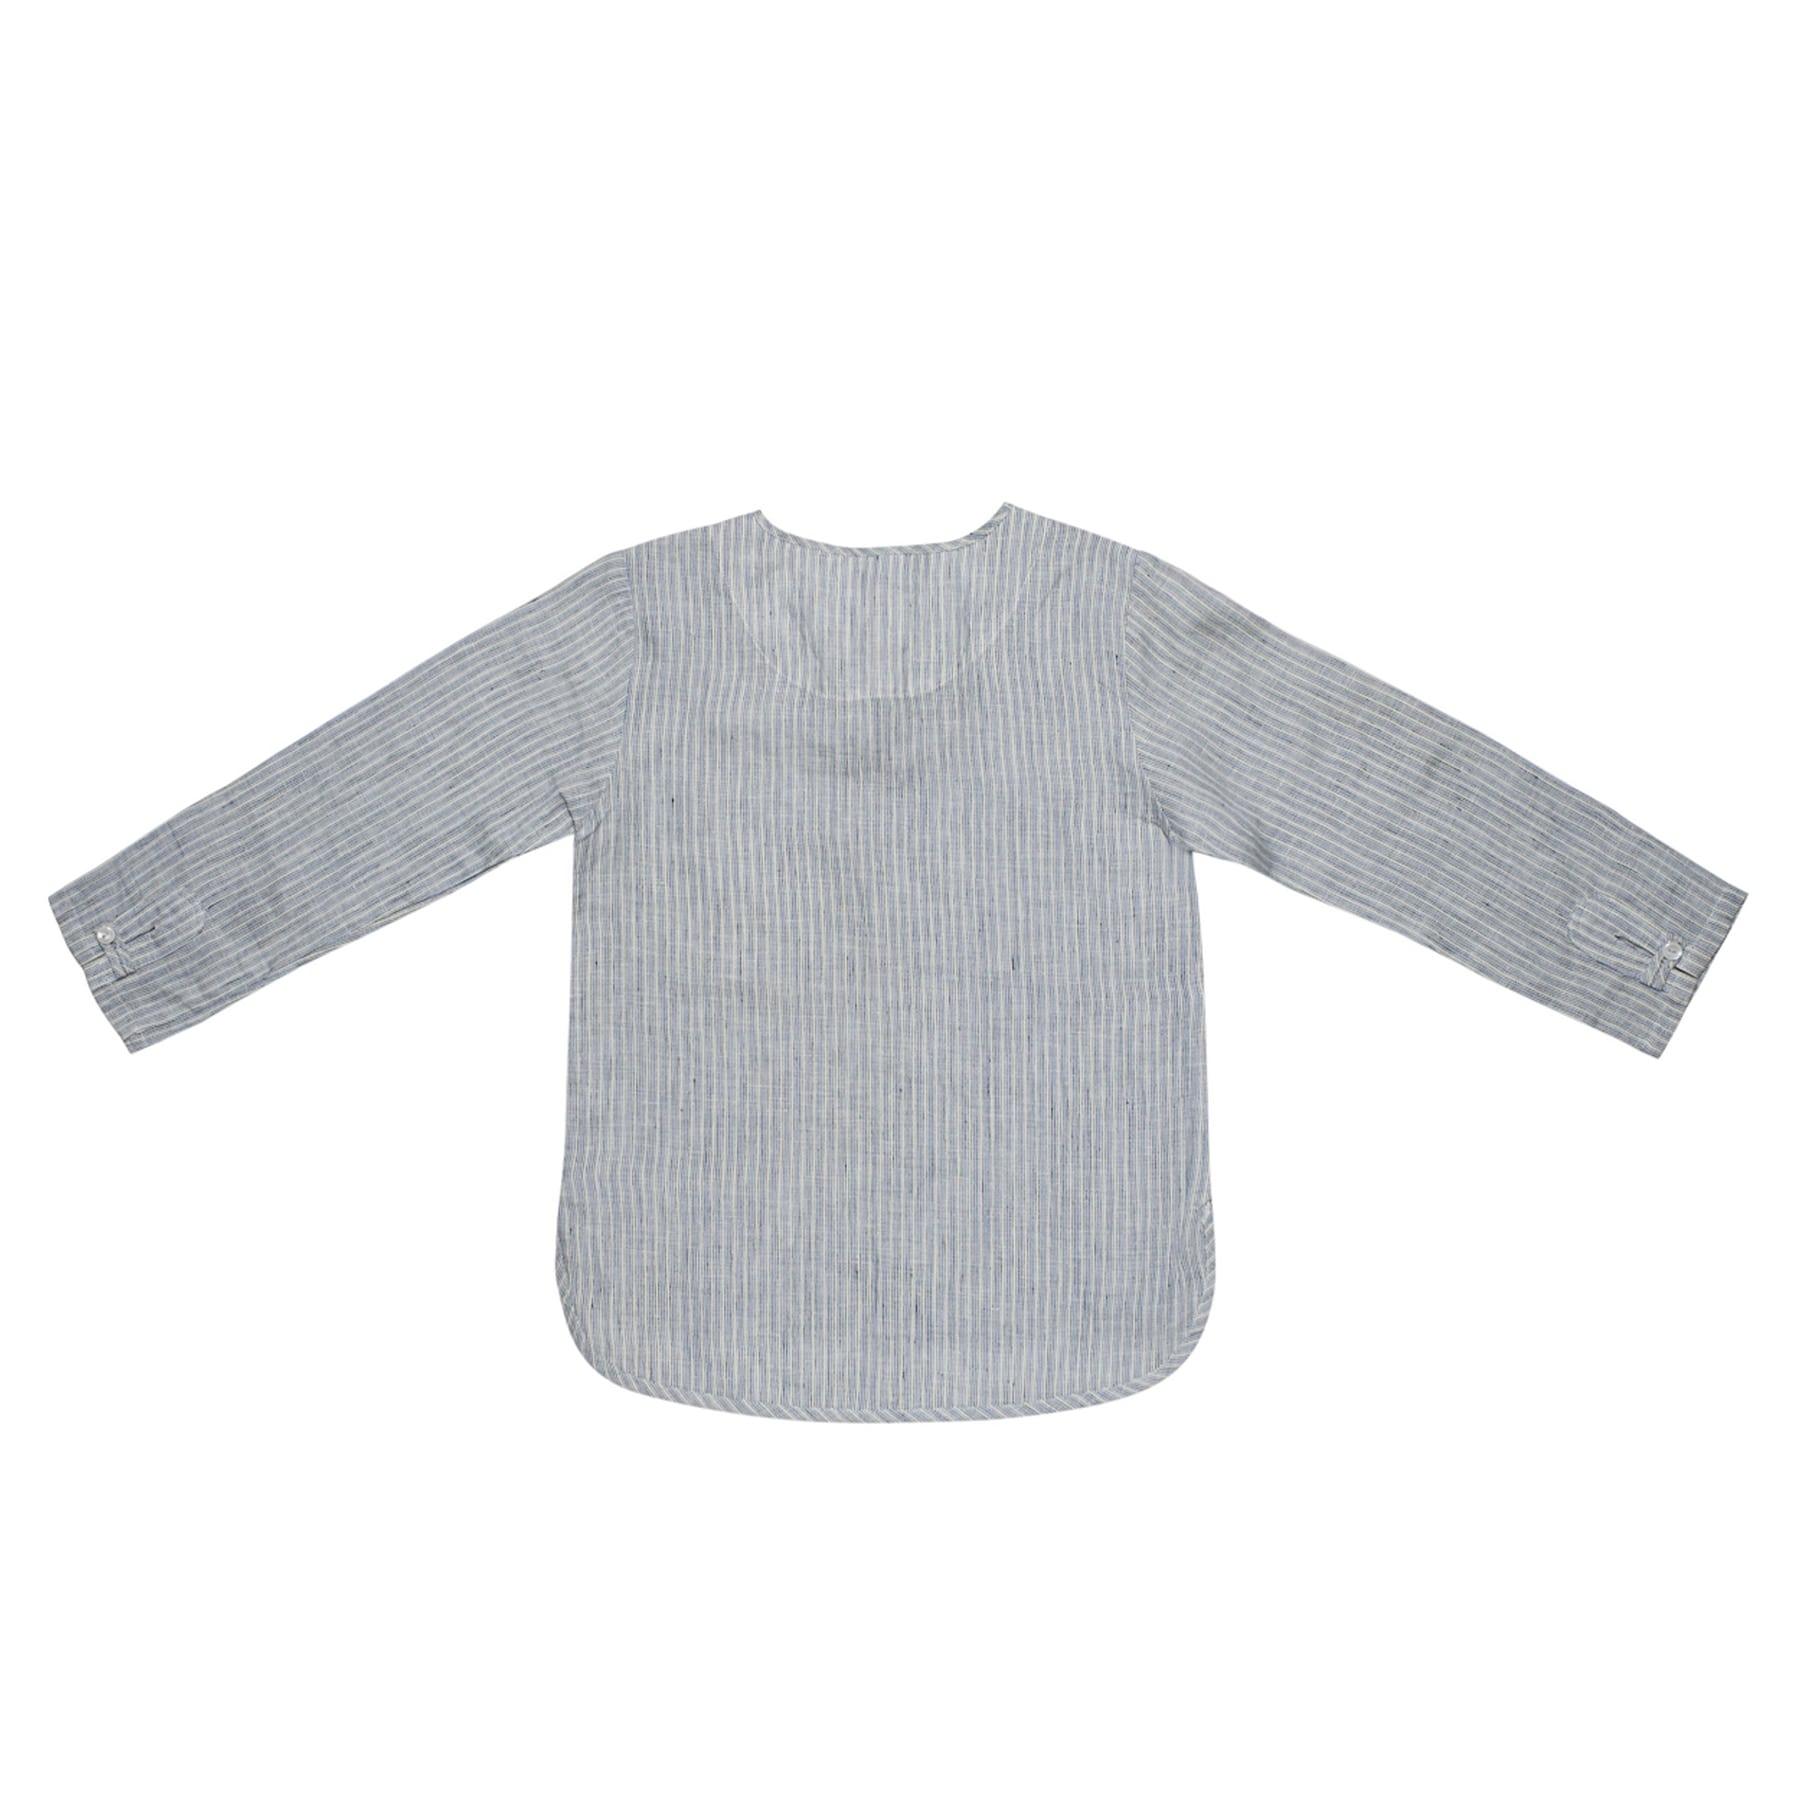 Chemise bohème légère en voile de coton rayé gris et blanc avec col à liens bleu marine pour garçons de 2 à 14 ans